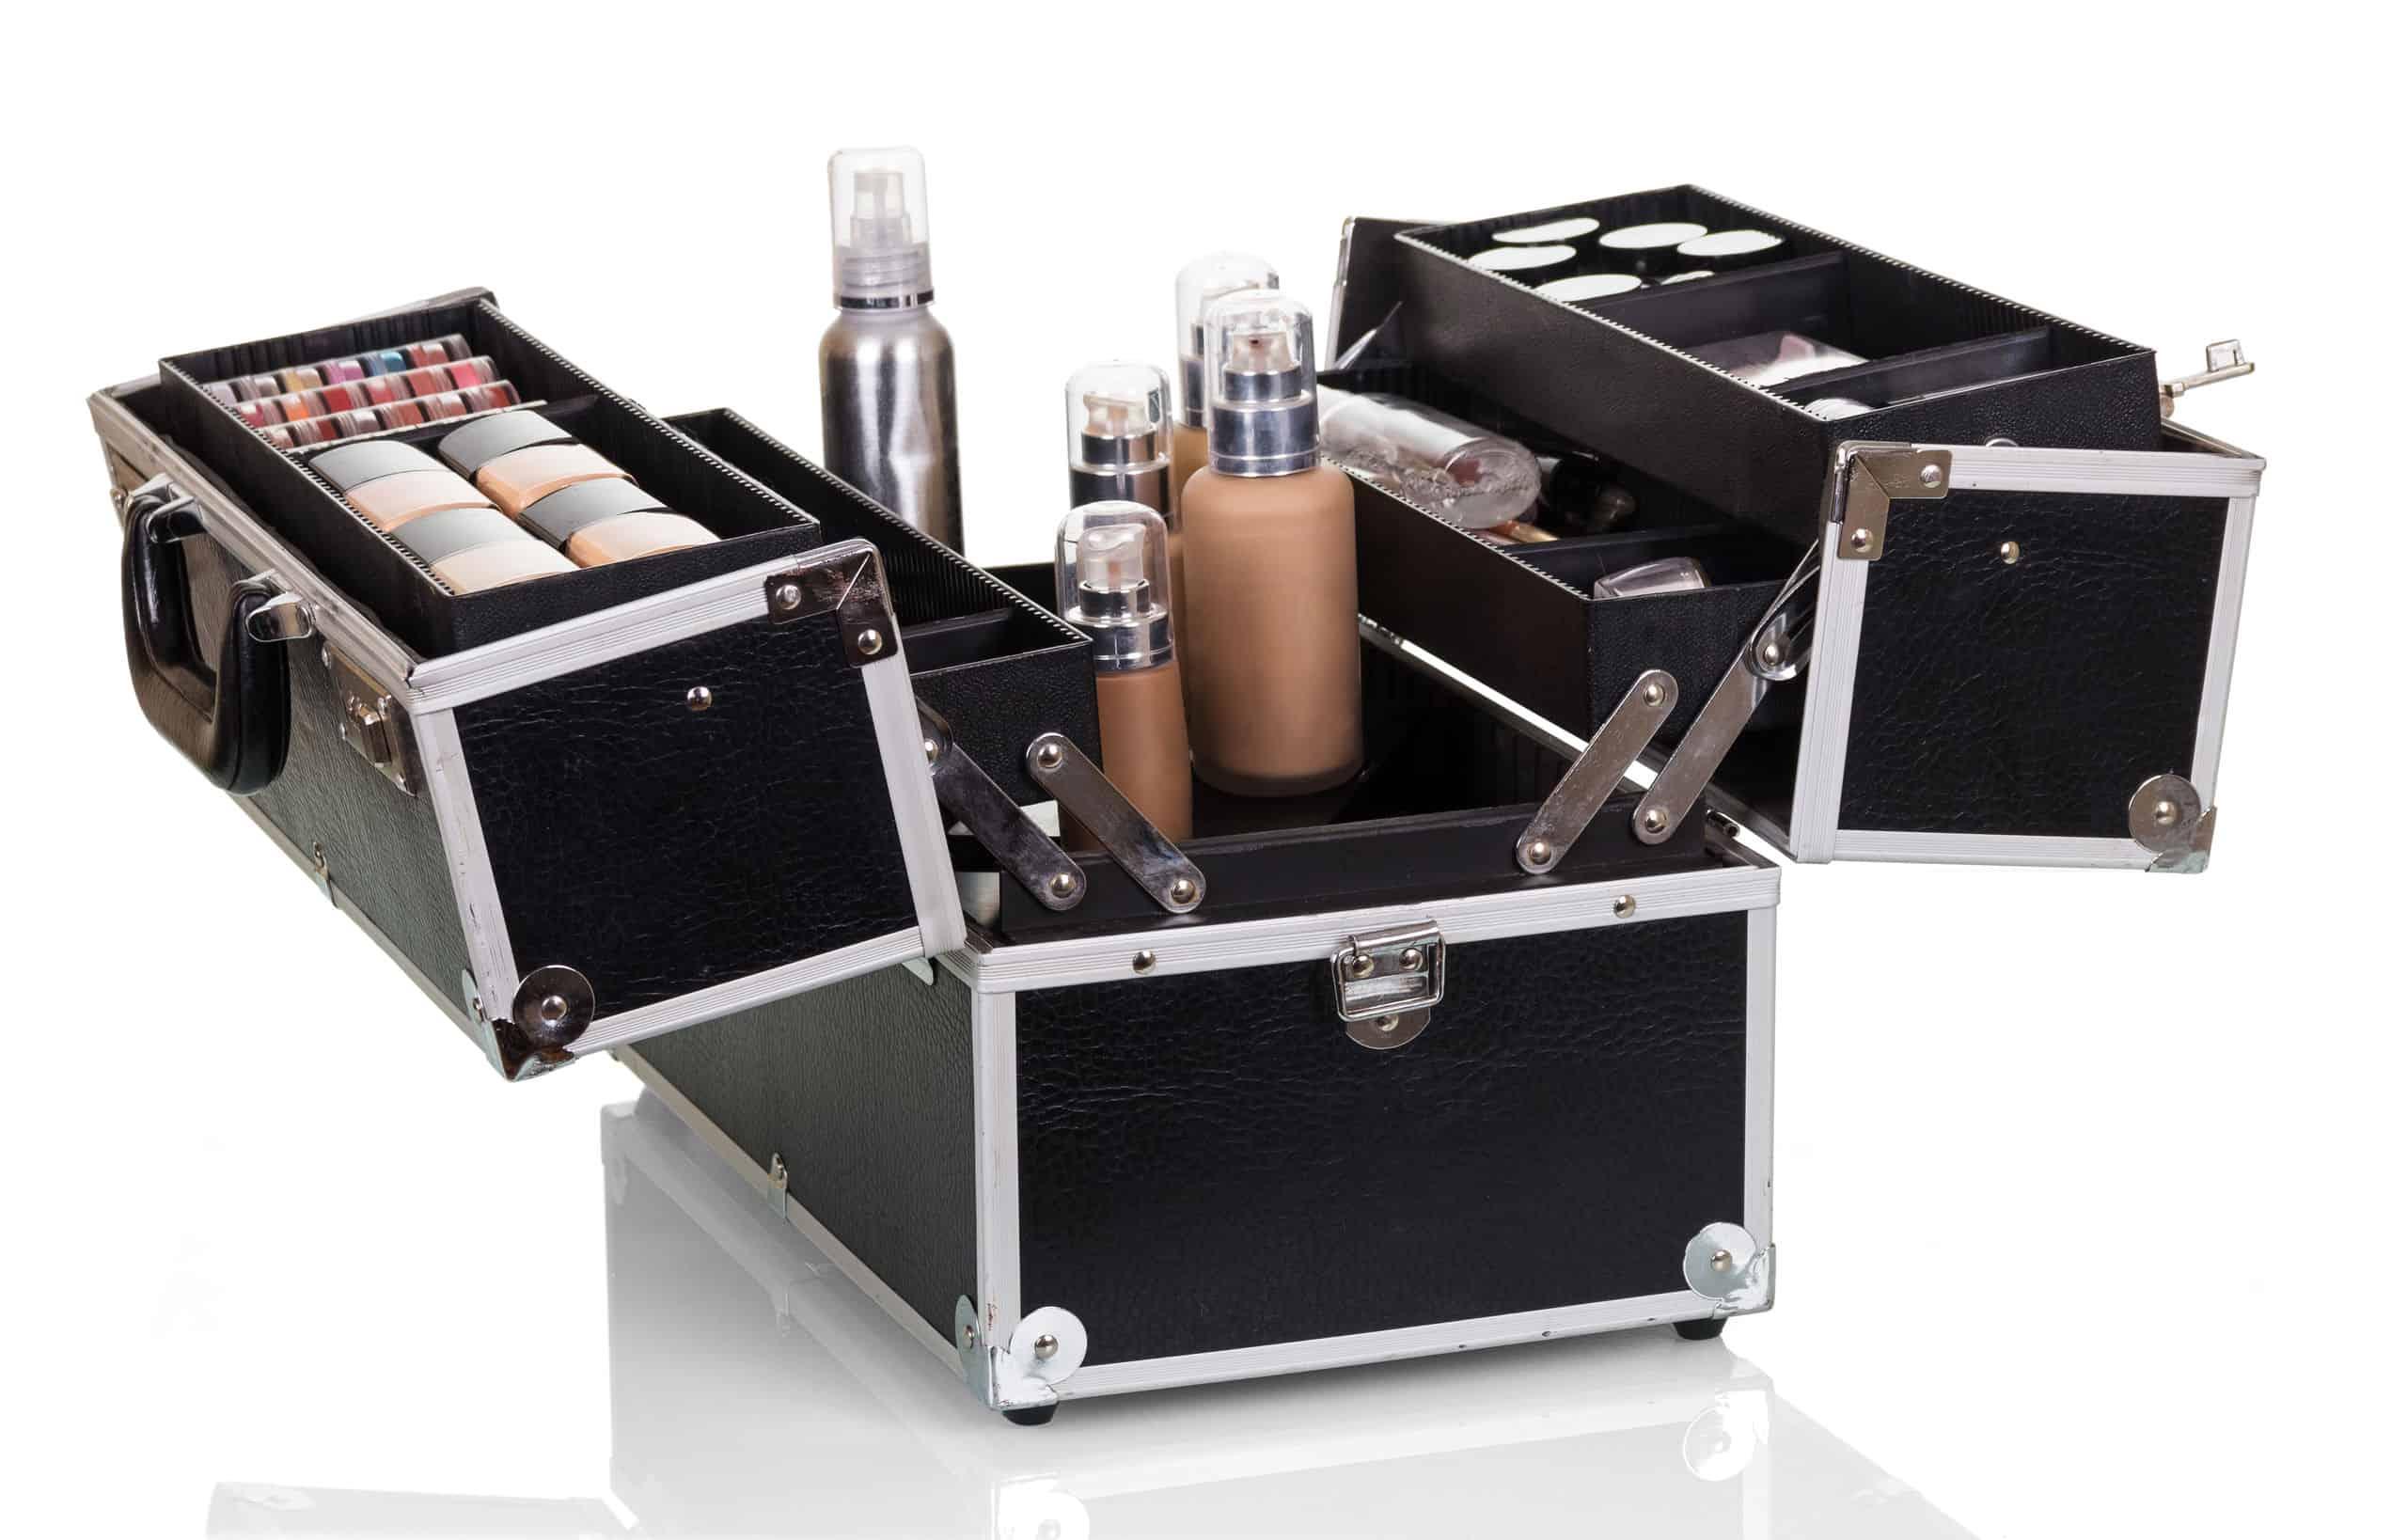 Na foto é possível ver uma maleta de maquiagem preta com detalhes em prata aberta e diversos itens de maquiagem expostos.